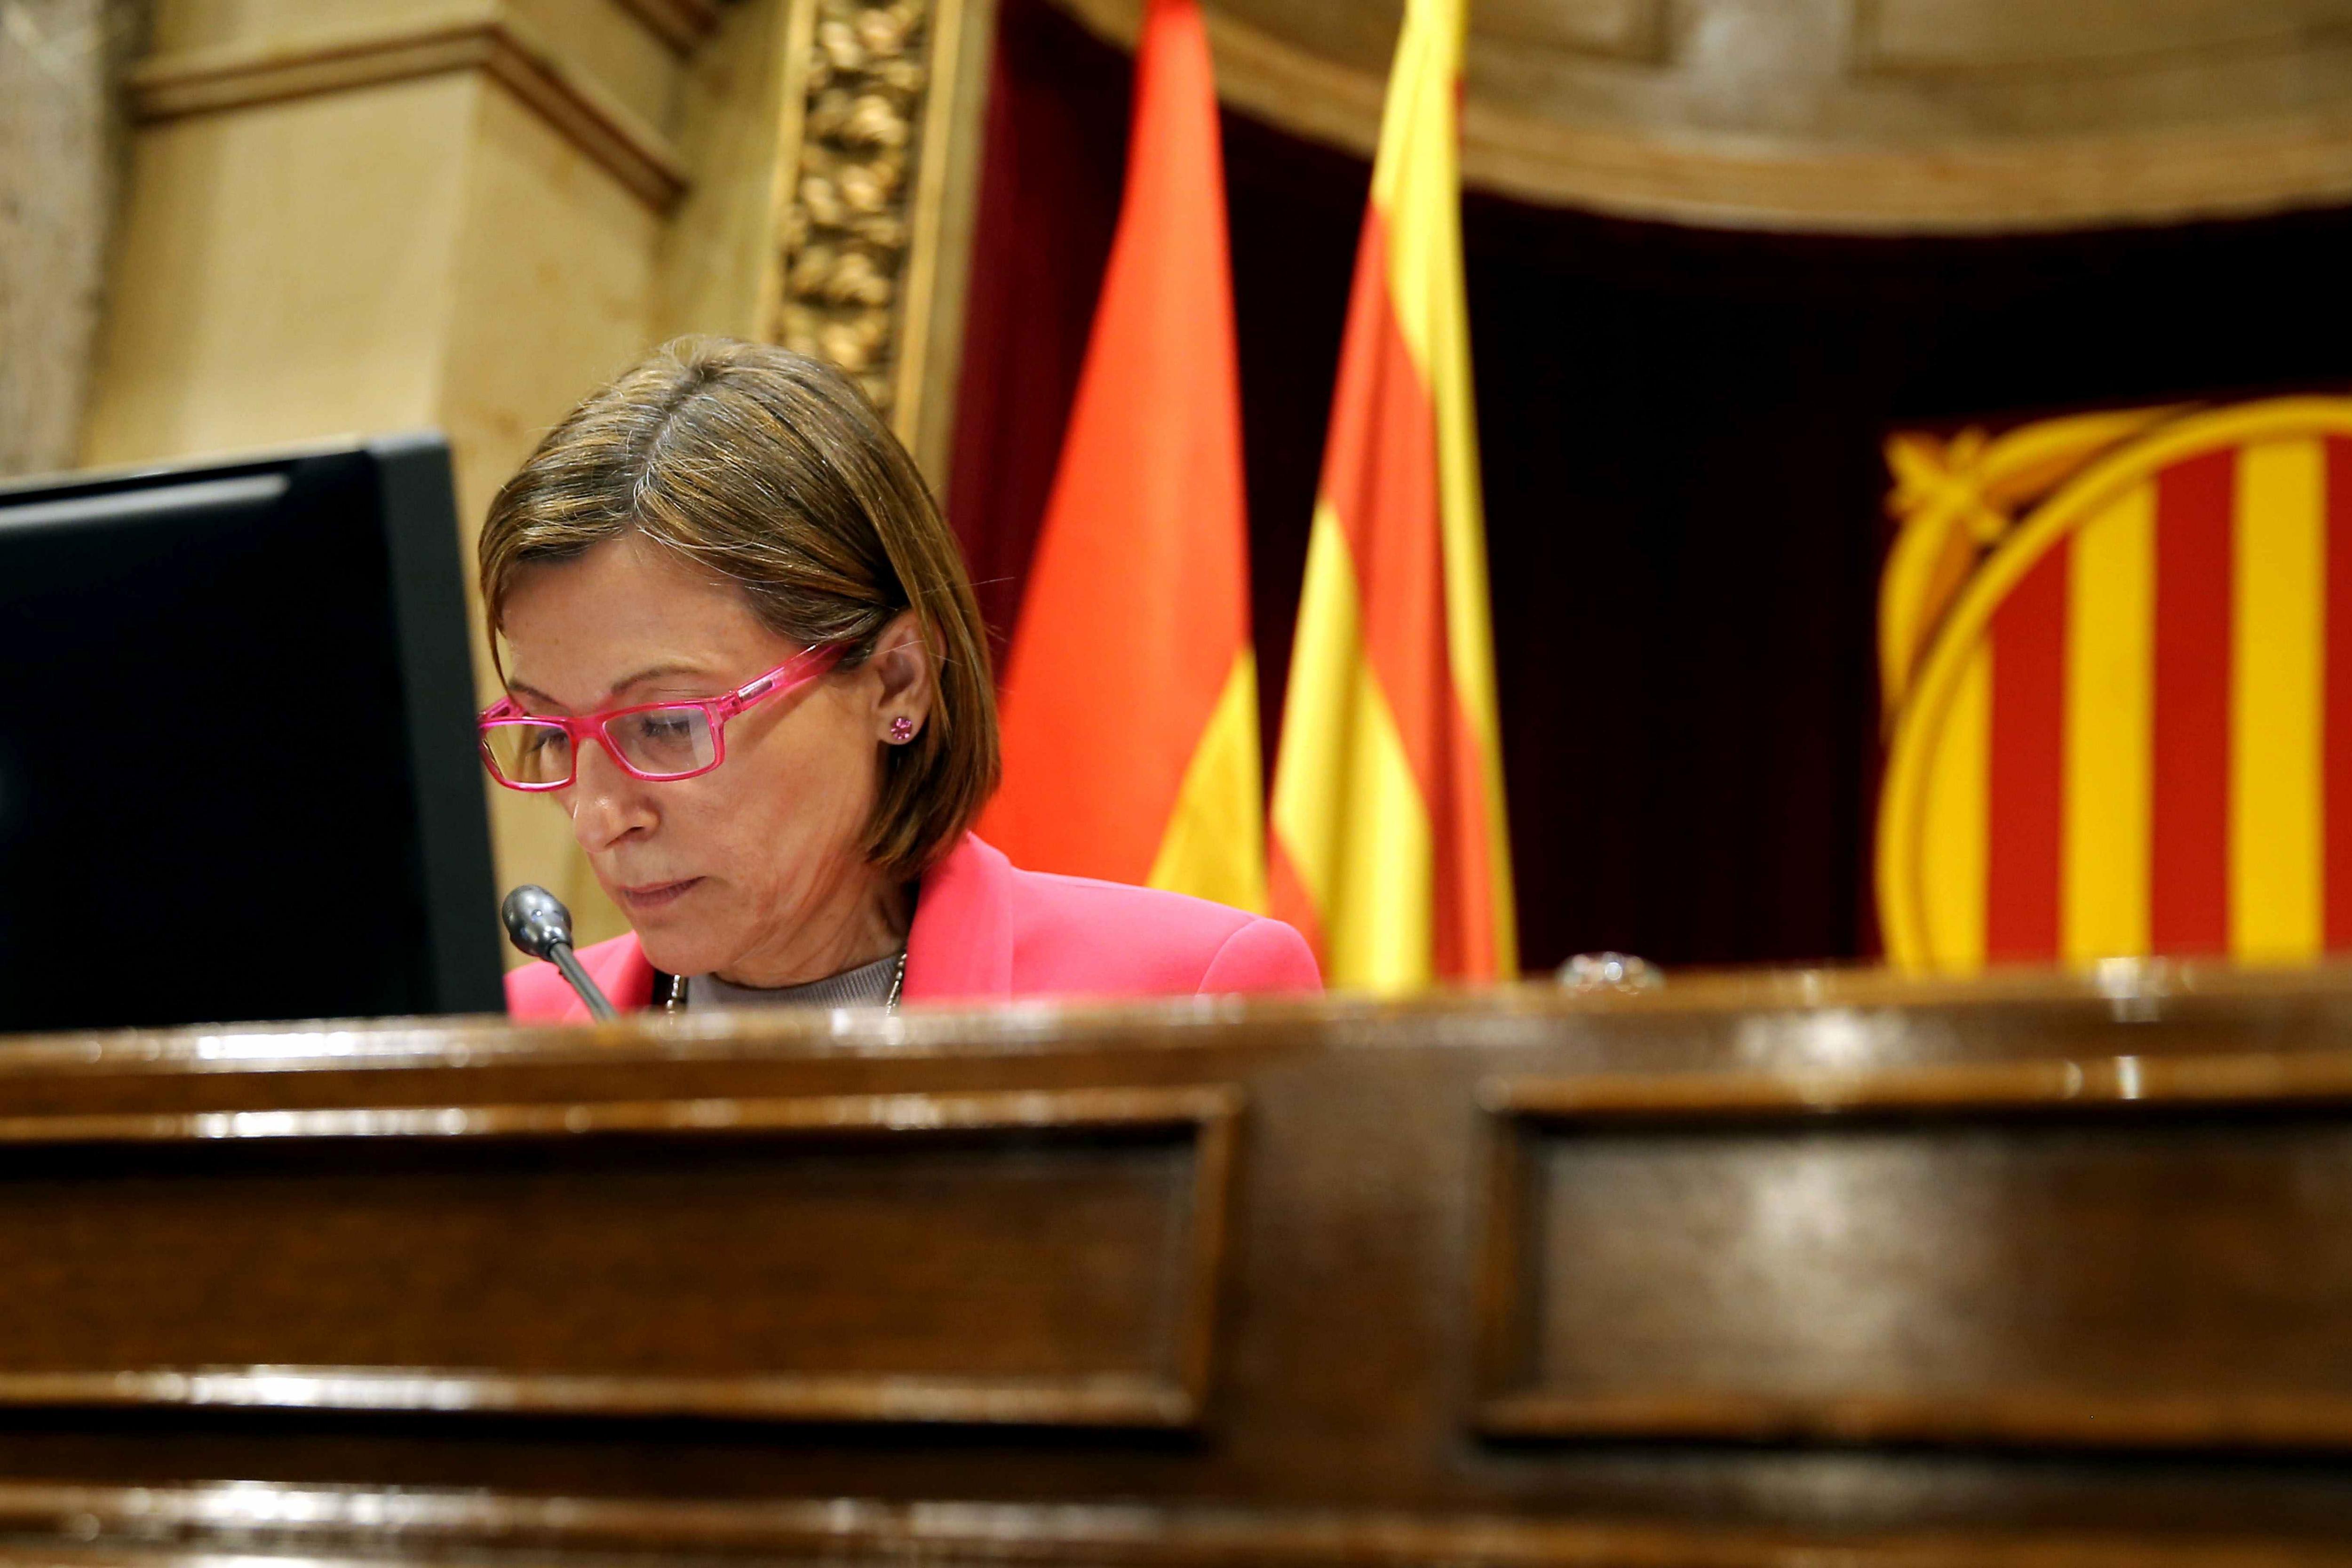 La presidenta del Parlament de Catalunya, Carme Forcadell, durant la sessió del ple, en la qual Junts pel Sí i la CUP han forçat la inclusió en l'ordre del dia el debat i votació de la llei del referèndum. /TONI ALBIR